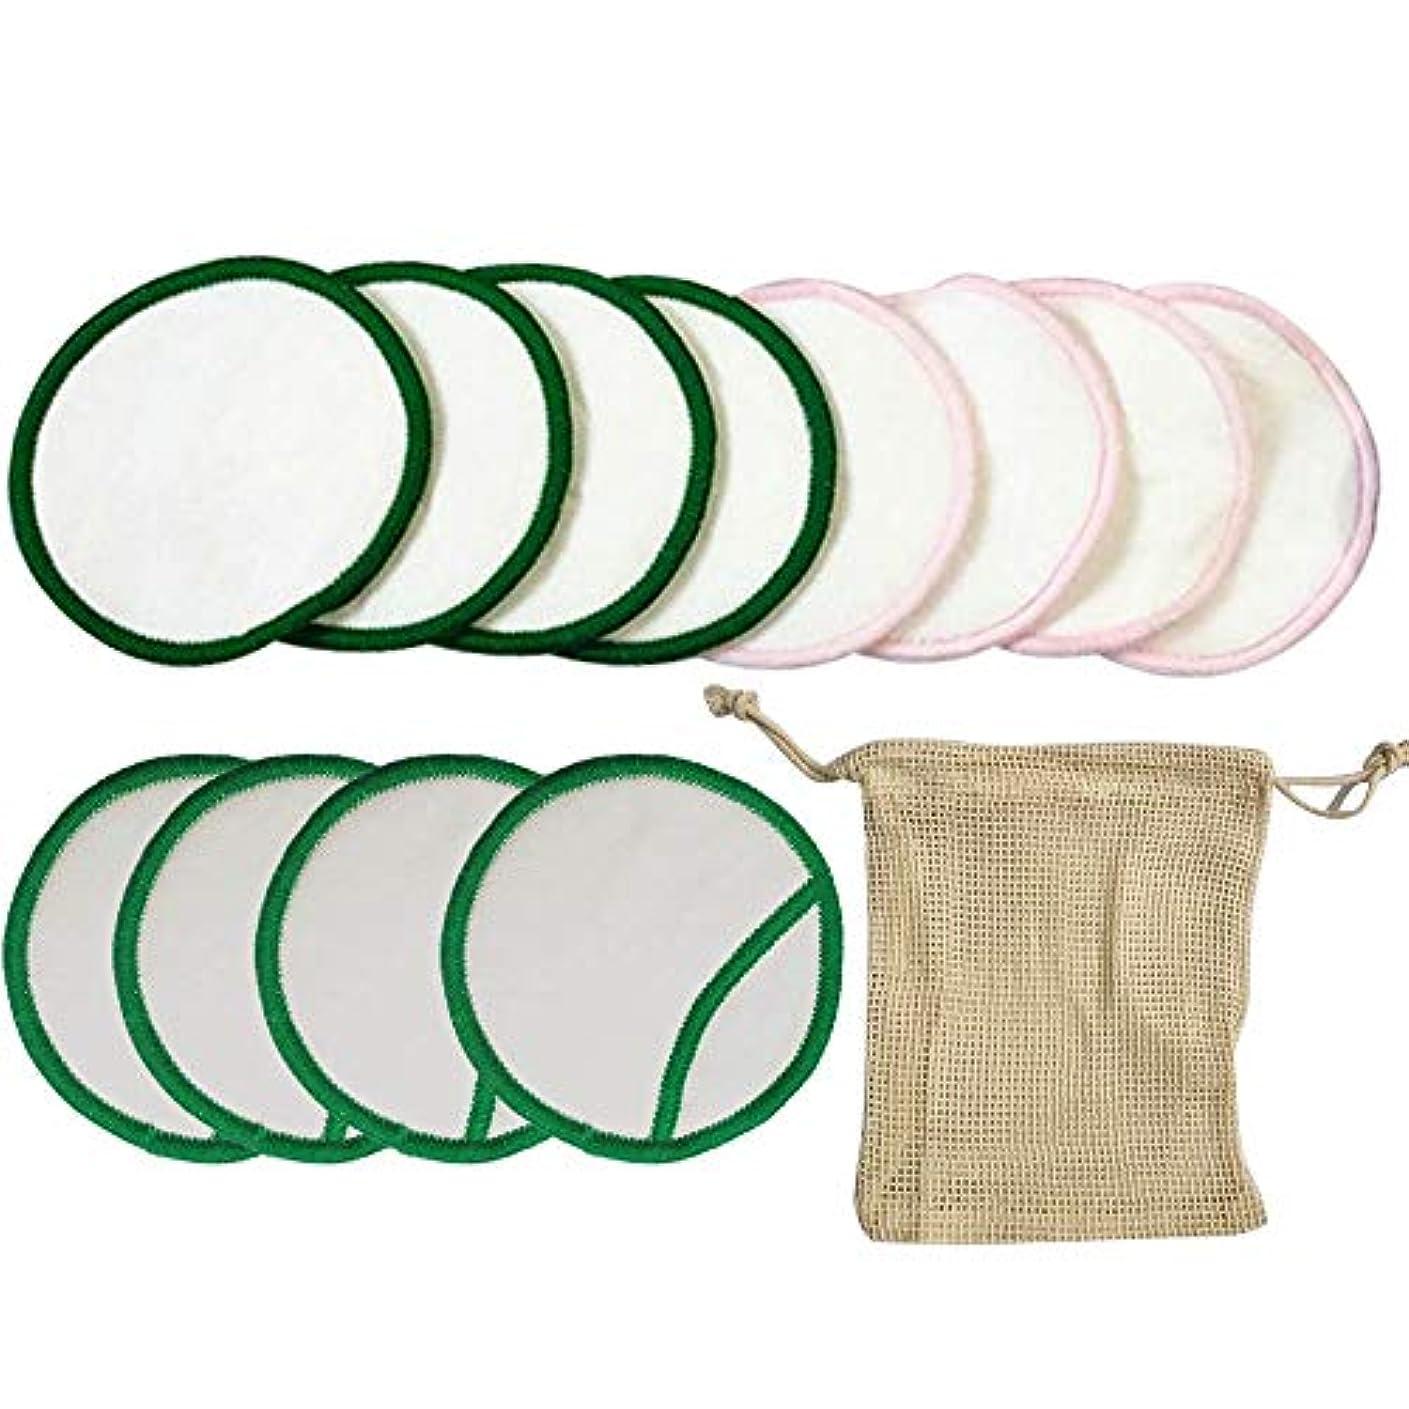 リーン北へねじれ12pcsメイクアップリムーバーパッド再利用可能な洗濯可能な3層竹フェイシャルクレンジングコットンワイプスキンケア用品用収納バッグ付き